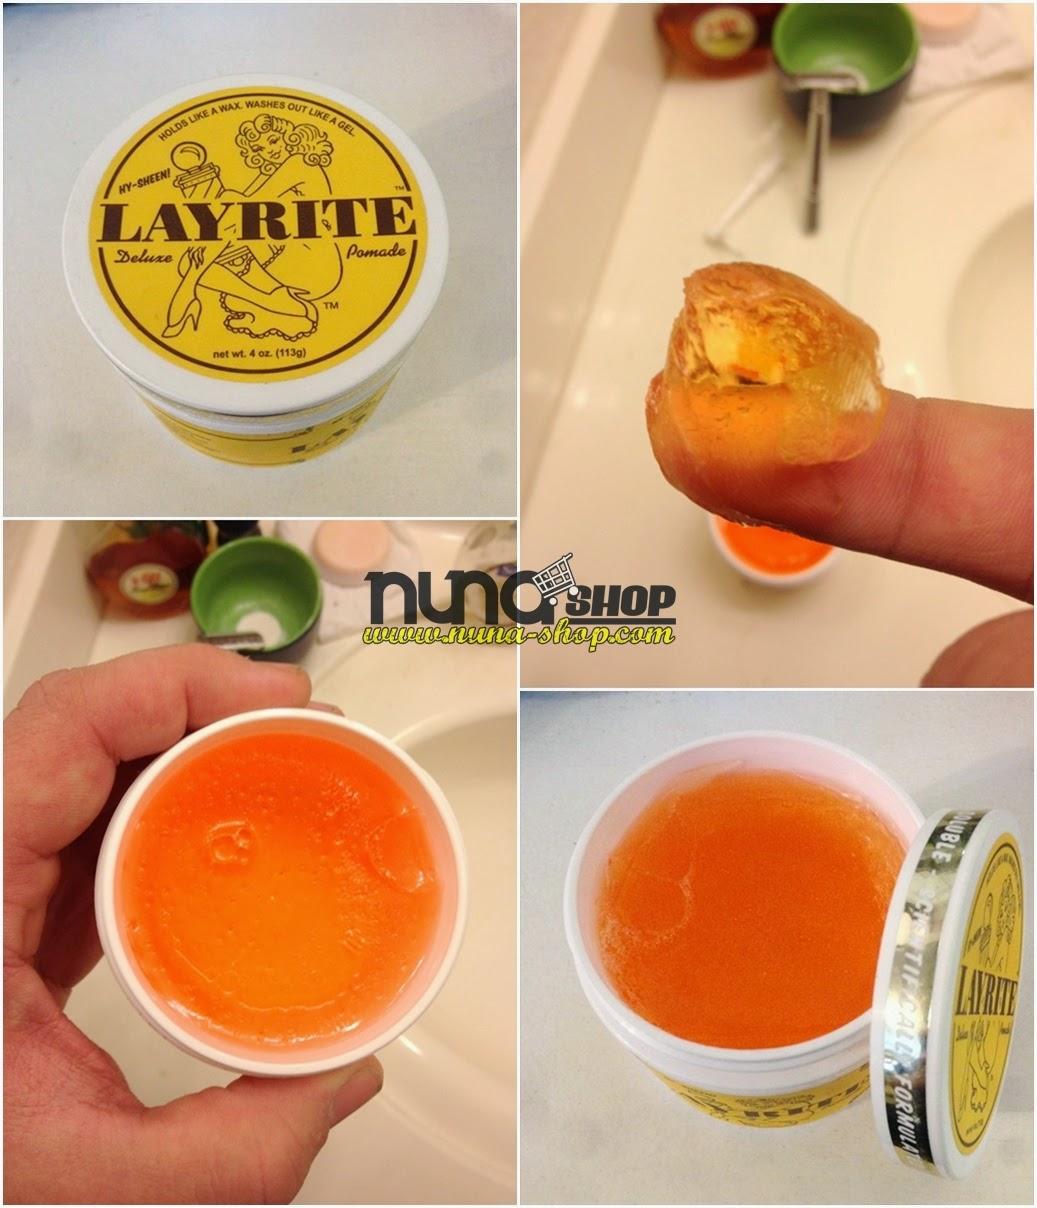 Layrite Pomade Produk Minyak Rambut atau Hair Styling Untuk Kebutuhan Rambut Pria